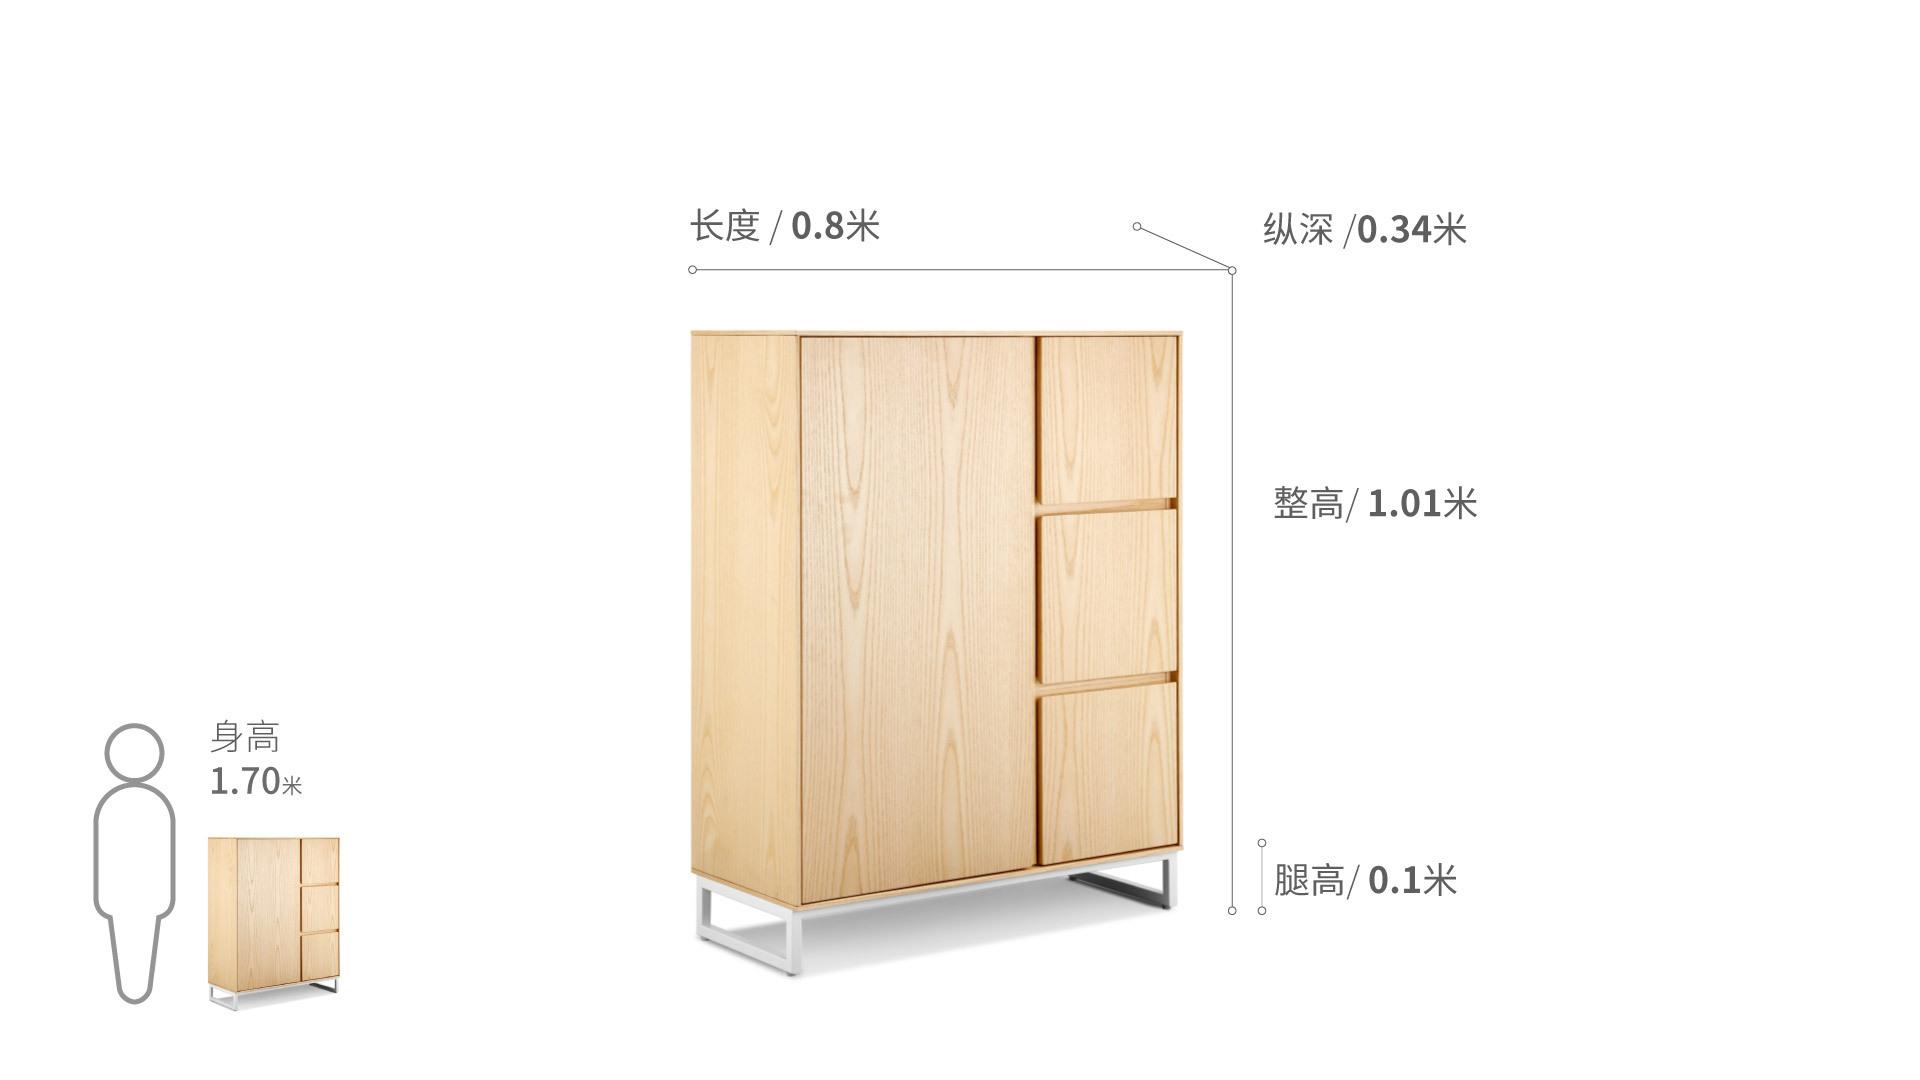 画板玄关柜柜架效果图